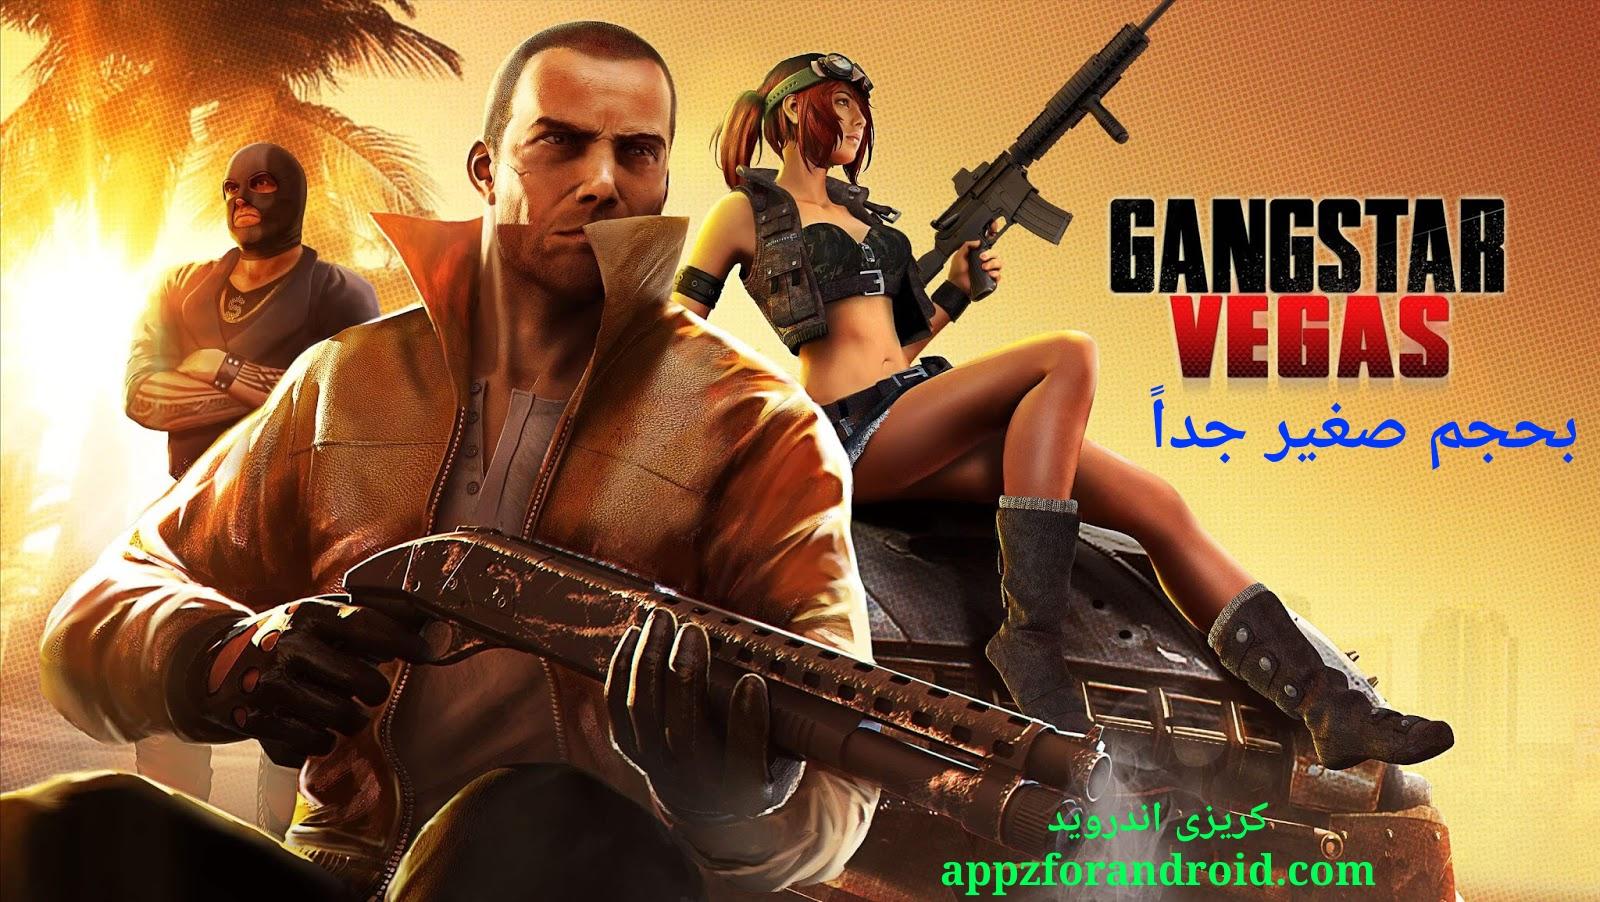 تنزيل لعبة gangstar vegas للكمبيوتر